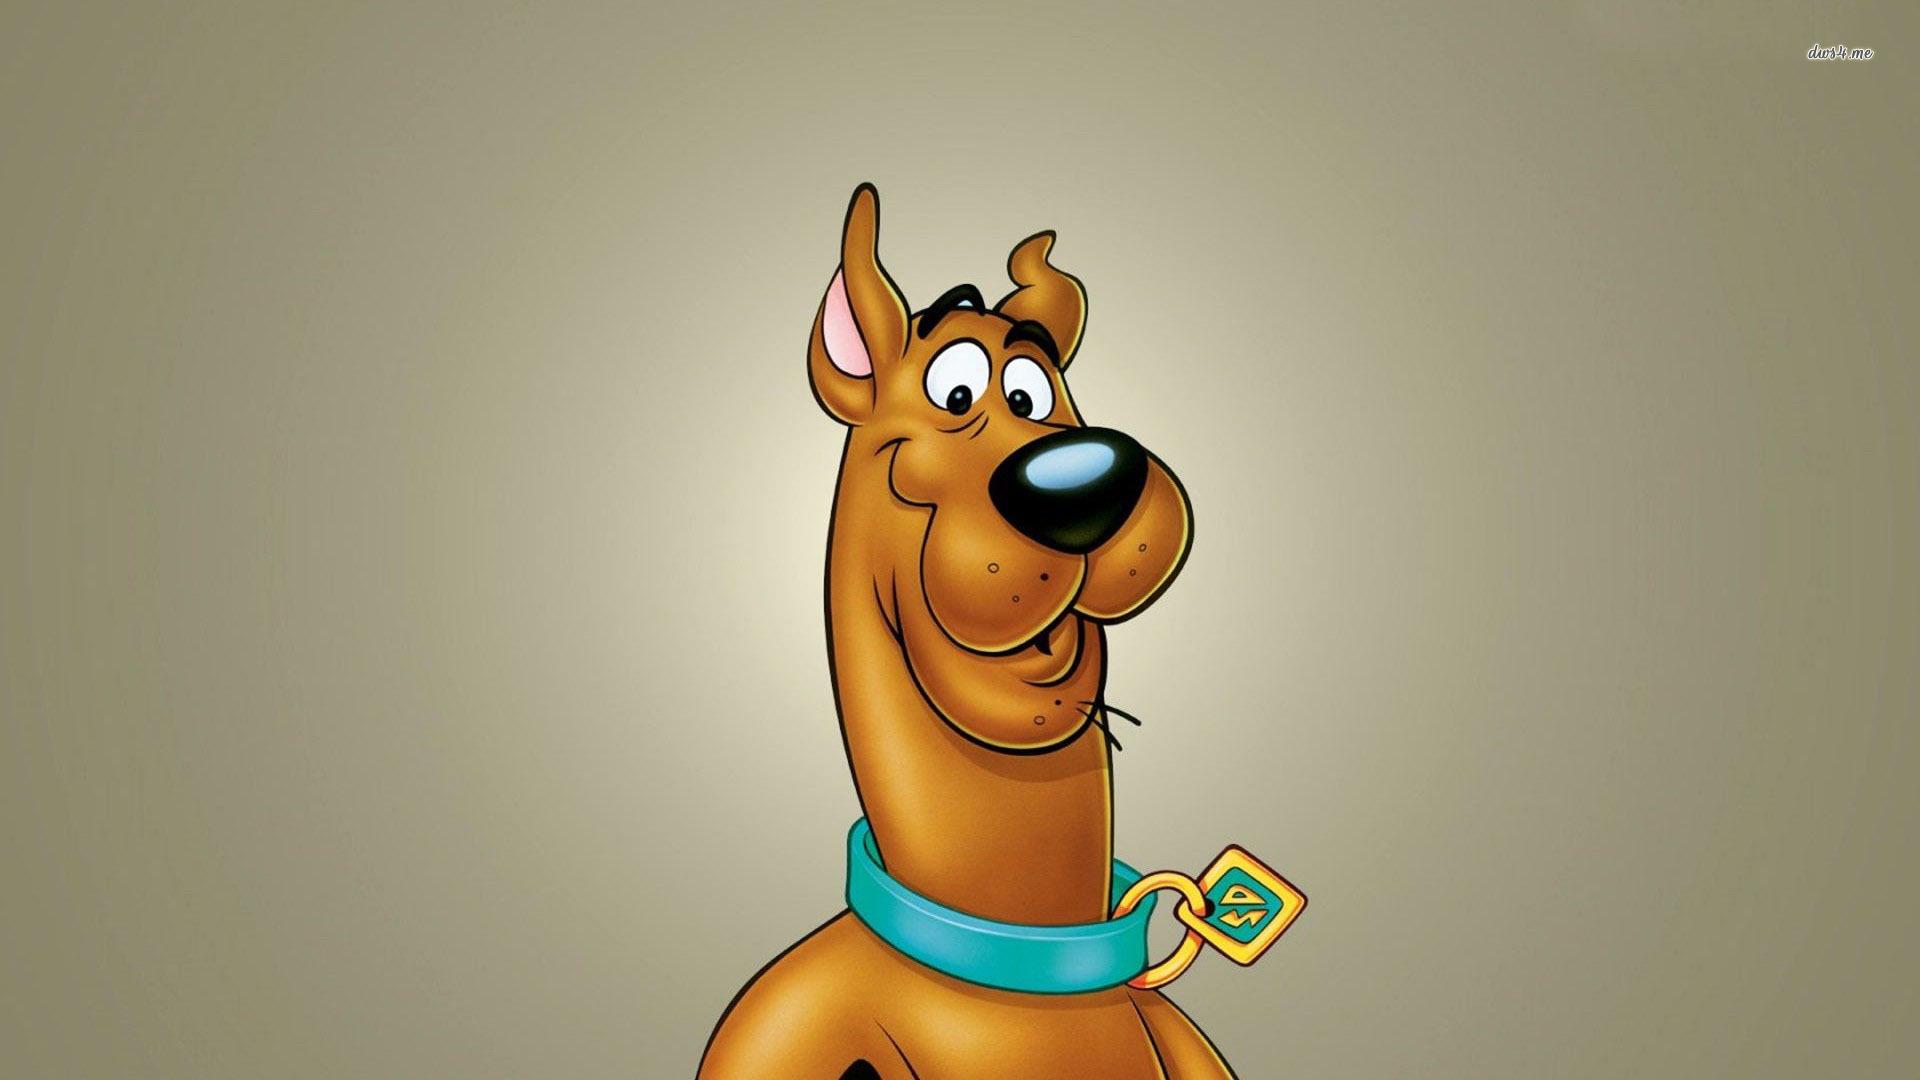 Scooby Doo wallpaper   Cartoon wallpapers   43074 1920x1080